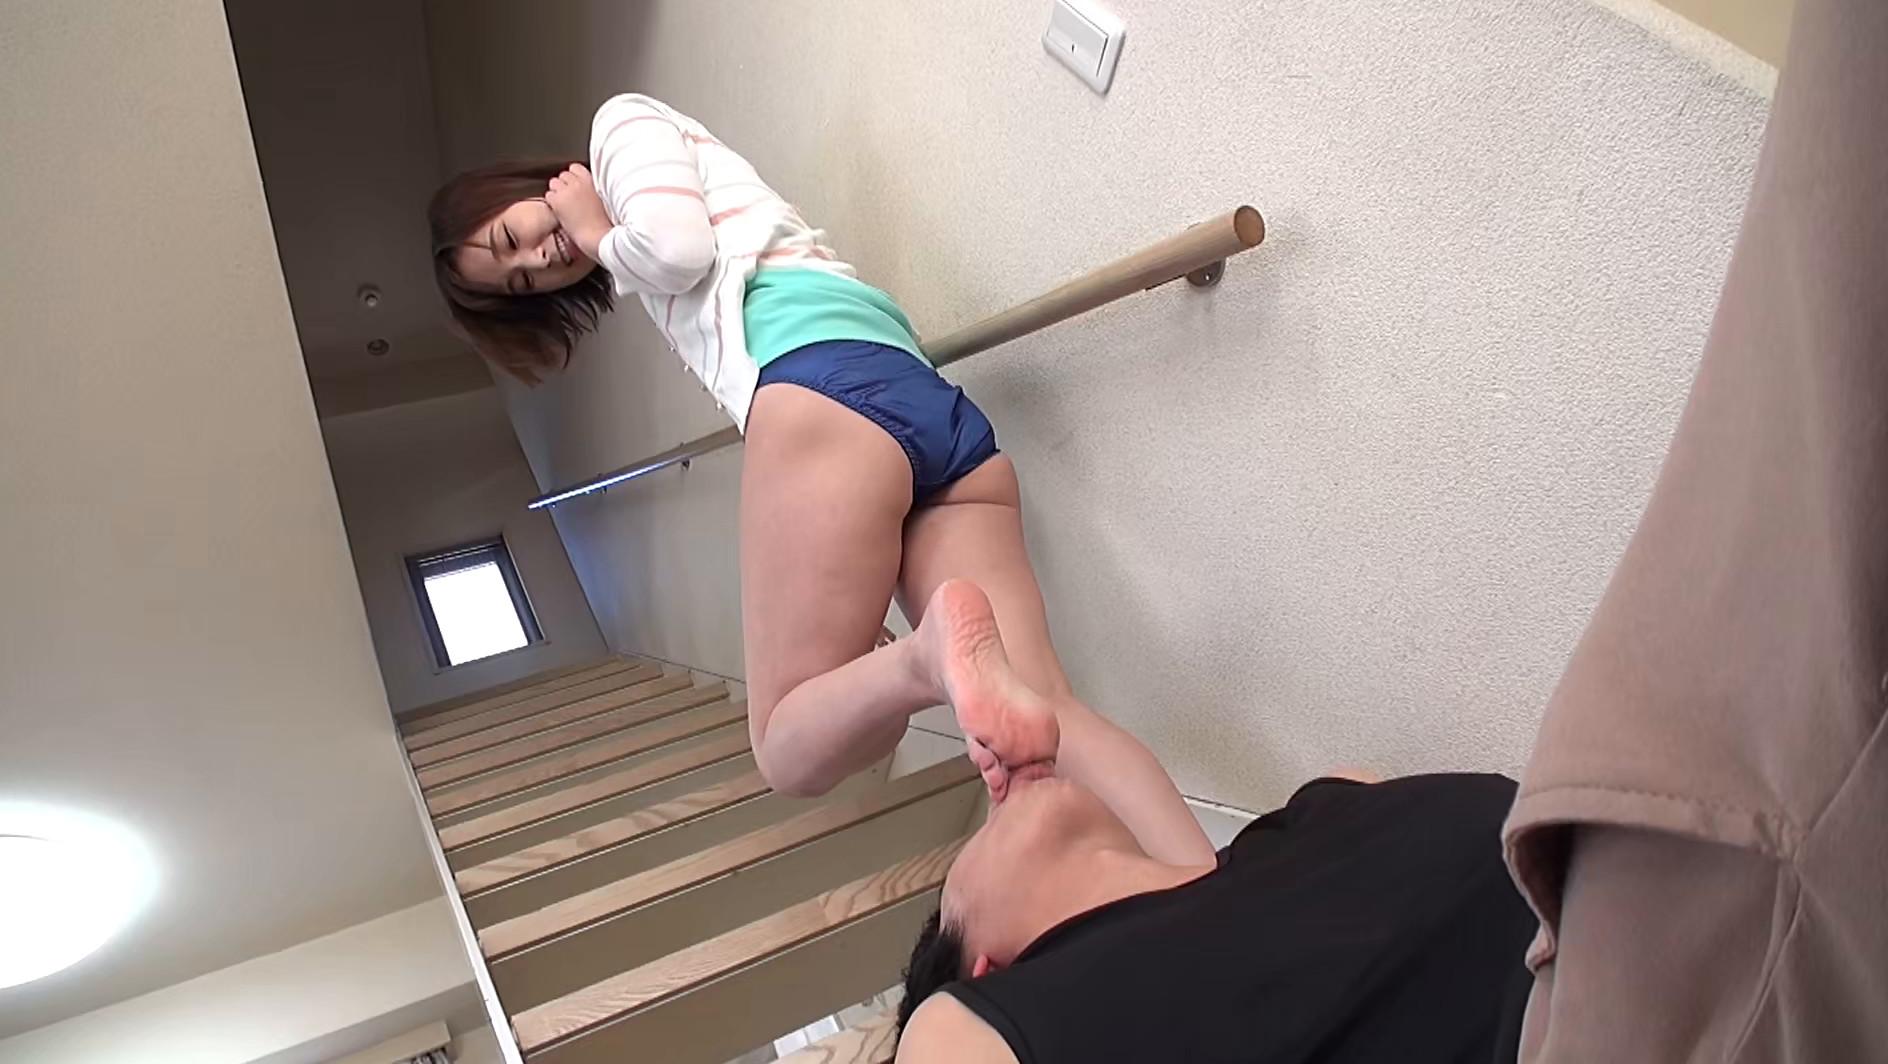 美女たちの足裏をふやけるまで舐めたい! Ⅱ 画像21